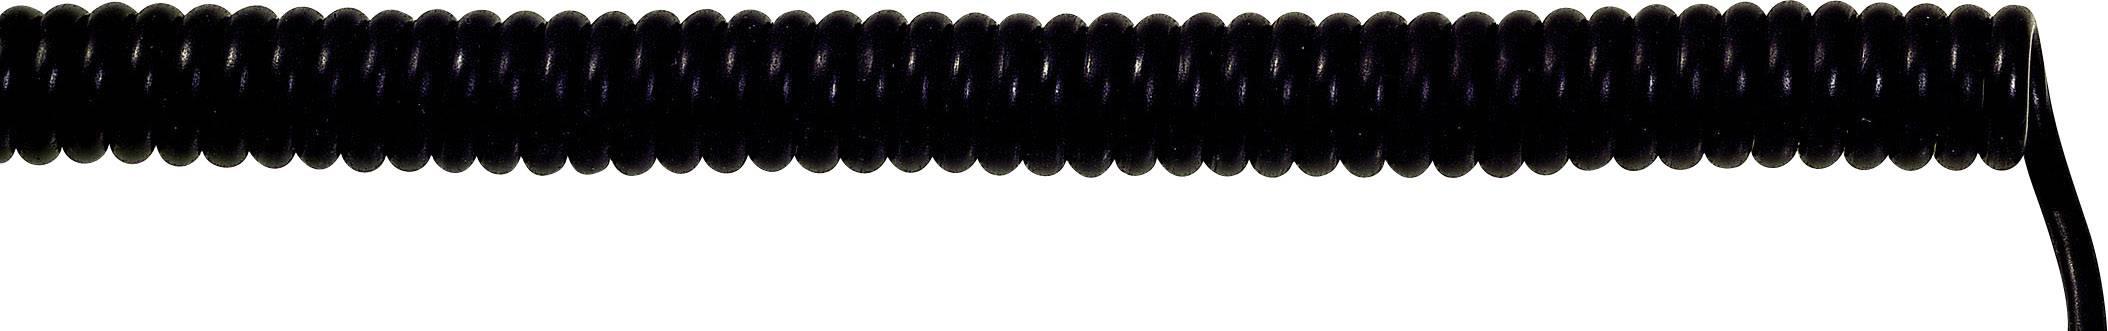 Špirálový kábel 73220202 UNITRONIC® SPIRAL 2 x 0.14 mm², 300 mm / 1200 mm, čierna